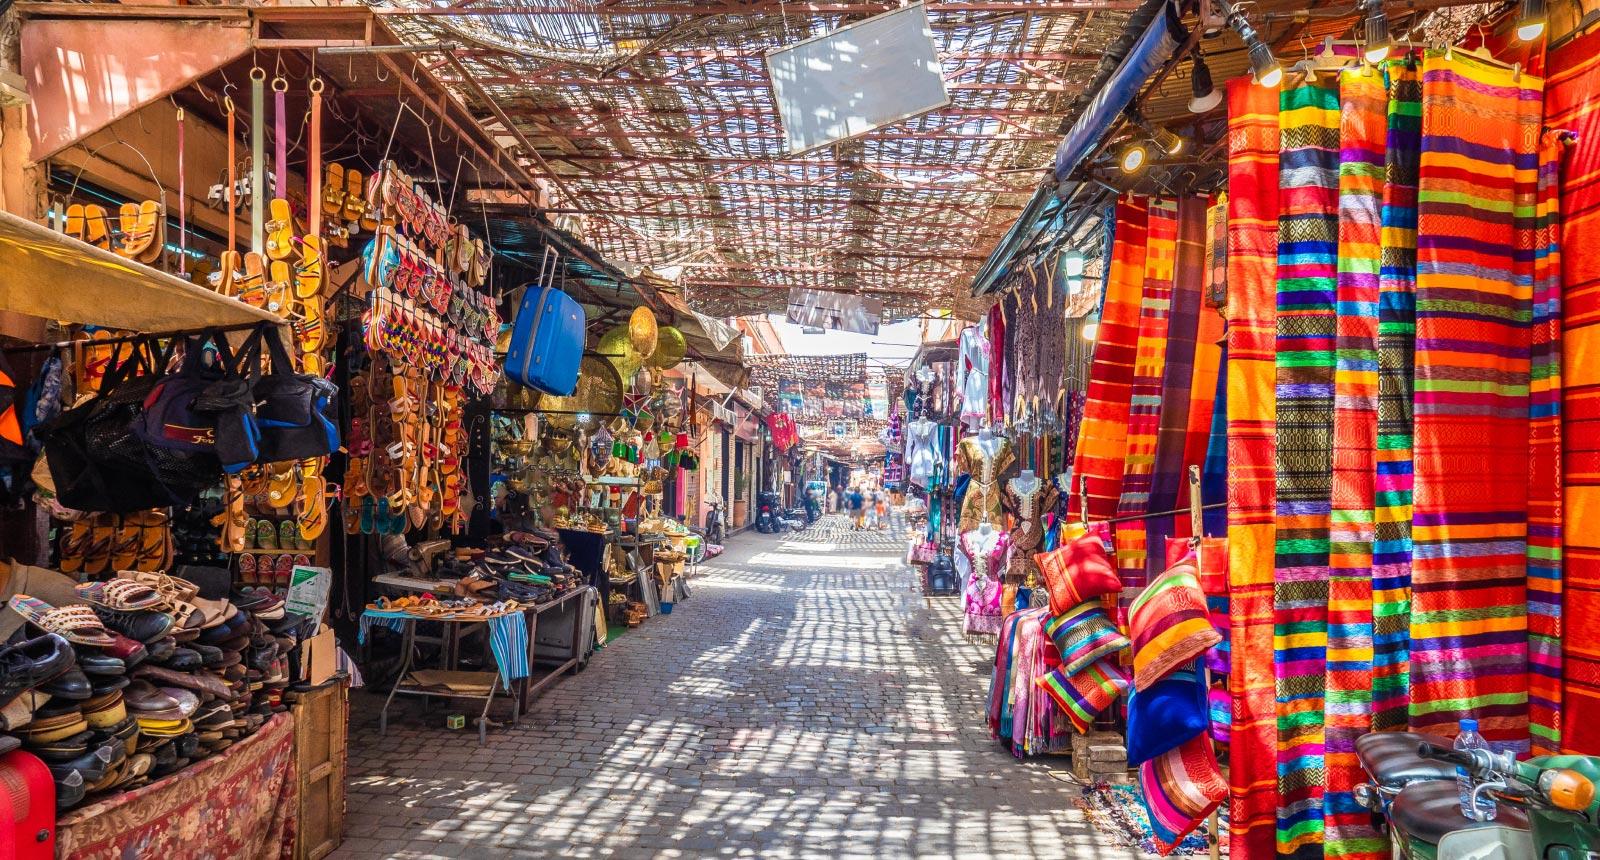 Amazing Marrakesh 5 Star